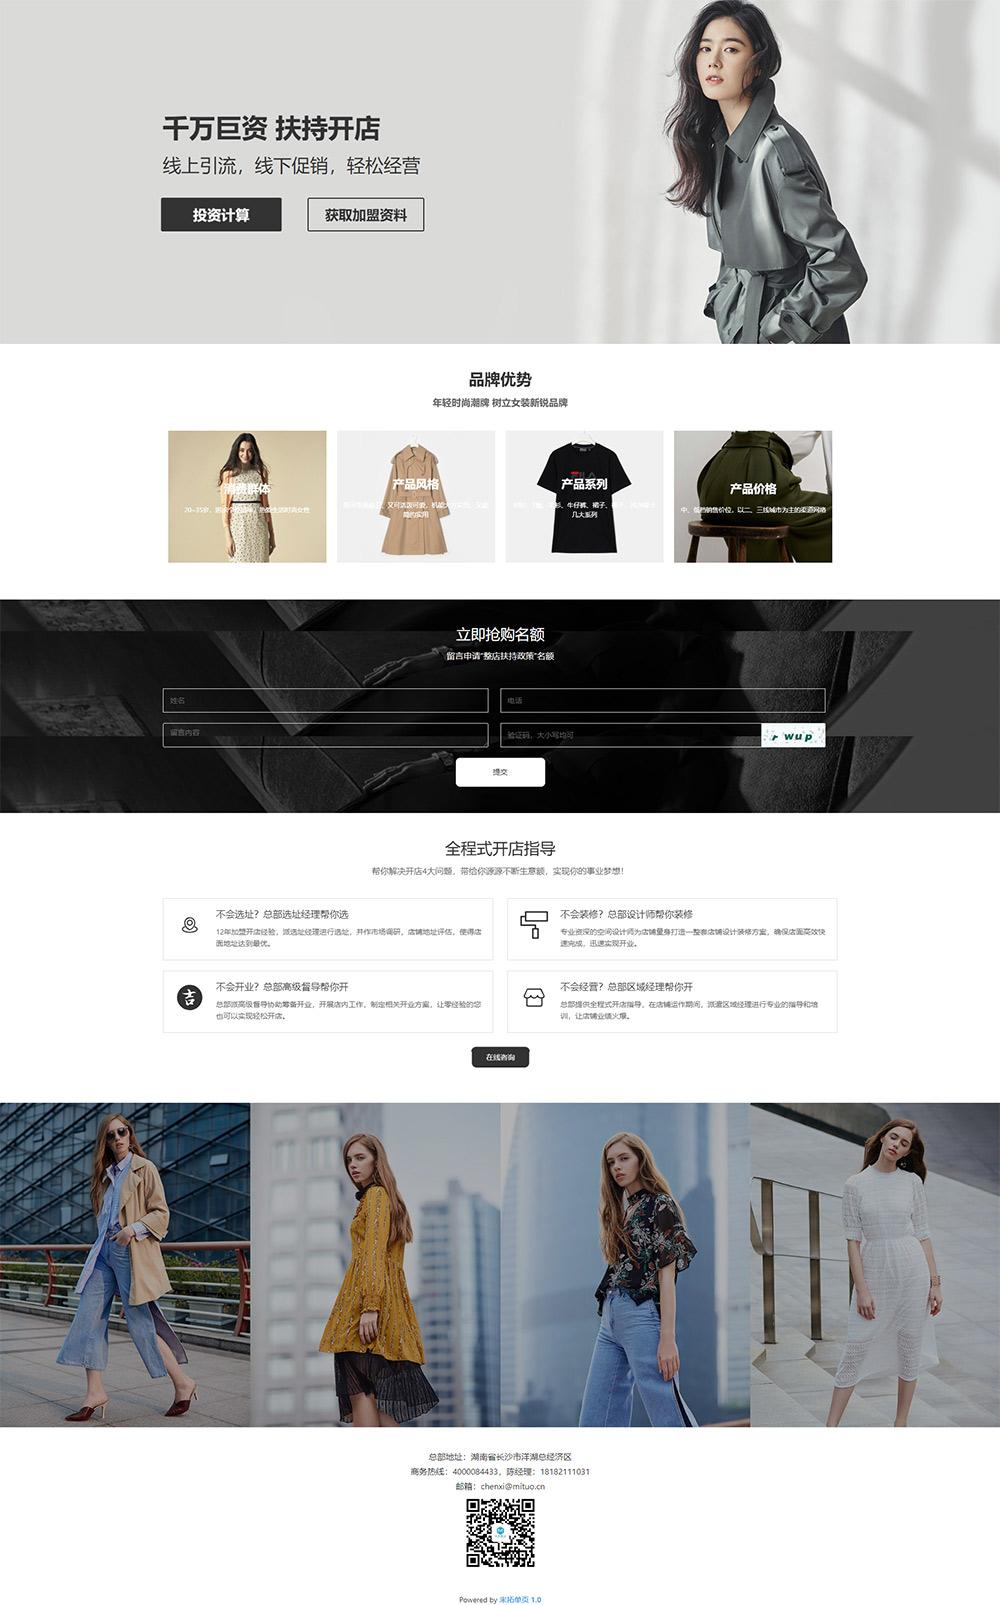 服装加盟落地页模板 广告页模板 宣传页模板 推广页 专题页设计制作